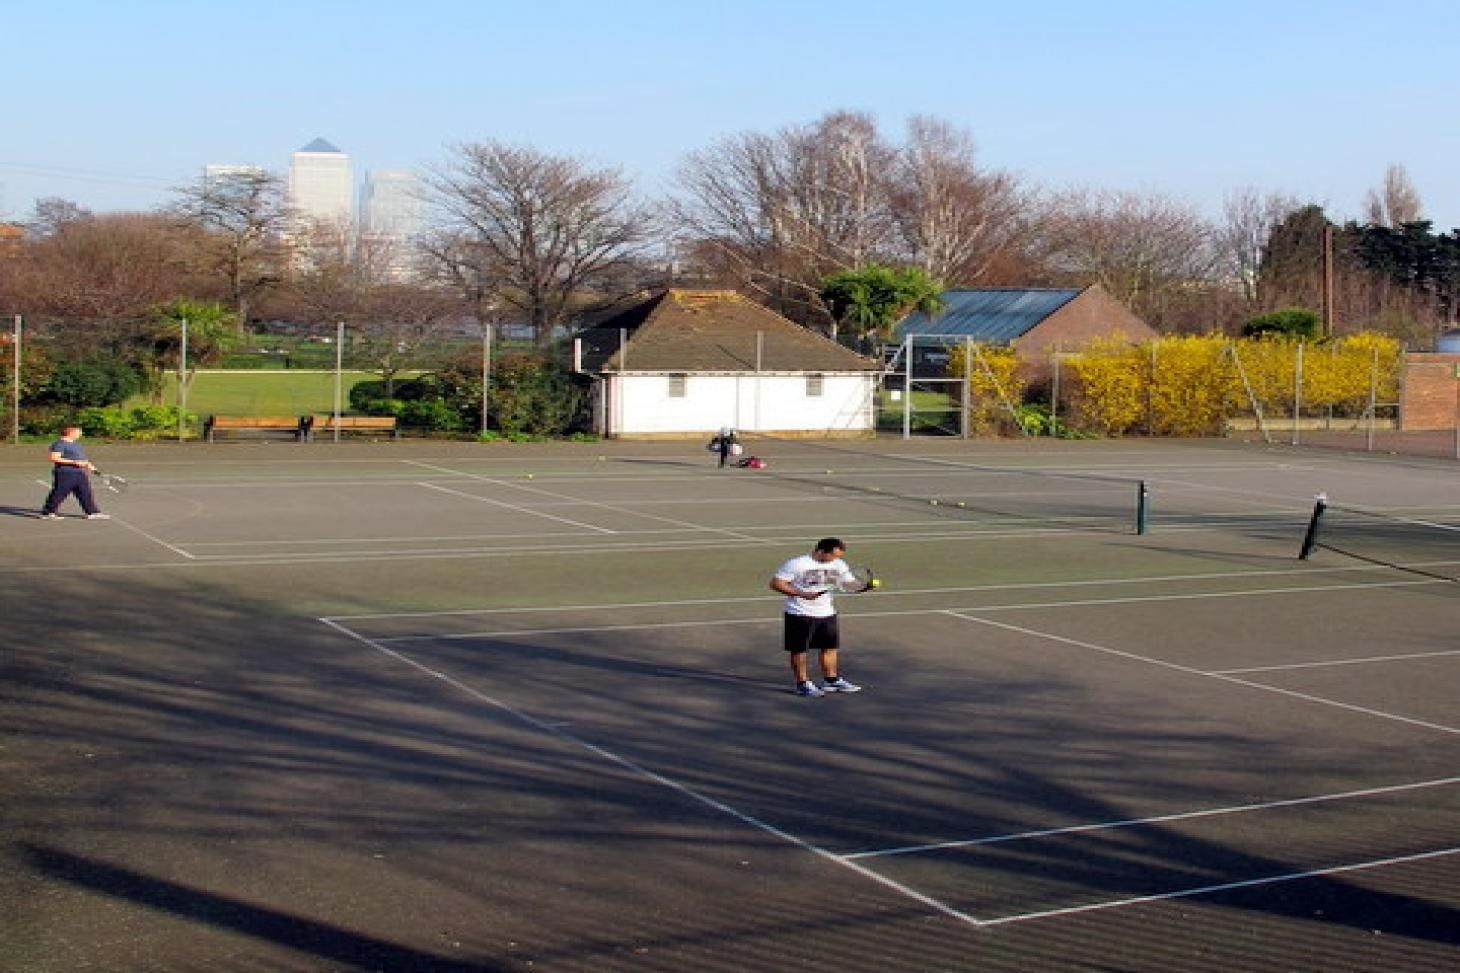 Virgin Active Canary Riverside Outdoor | Hard (macadam) tennis court